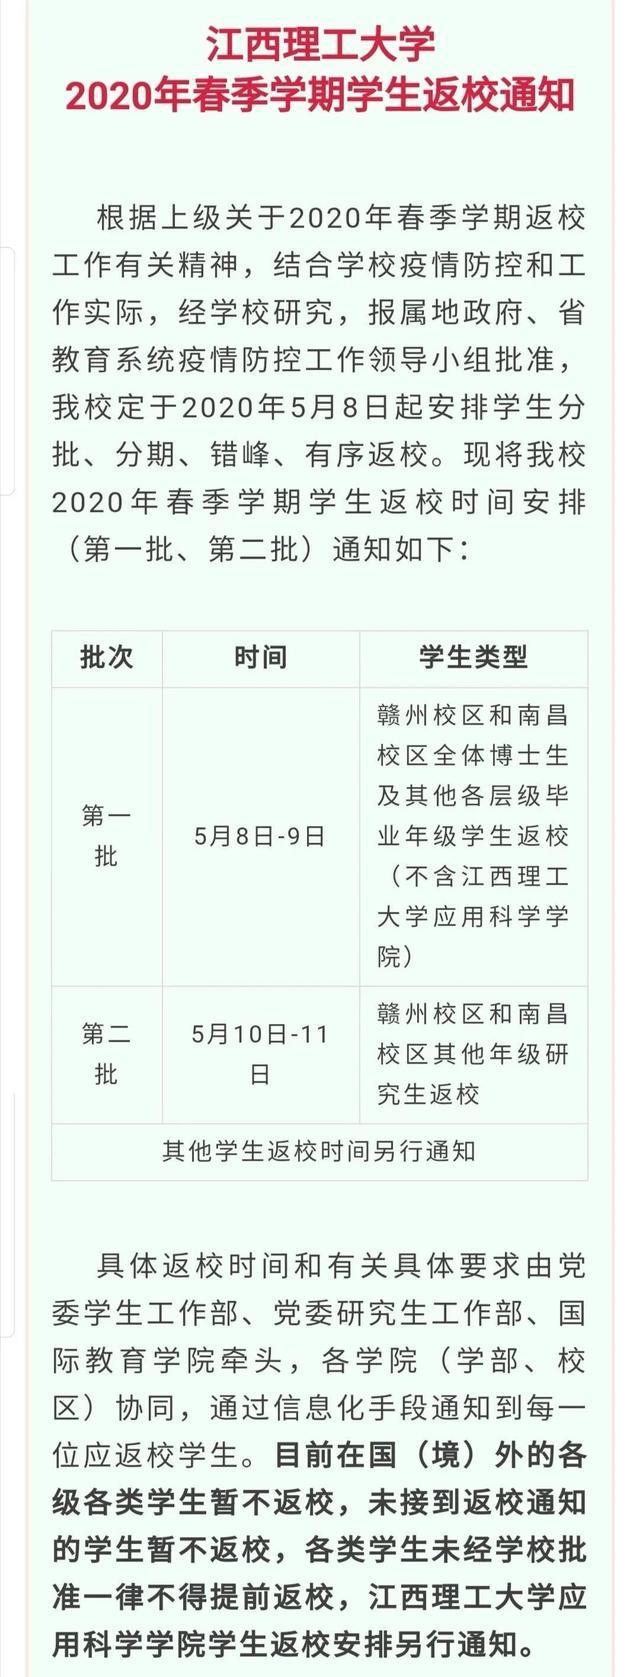 江西高校陆续公布开学时间,江西师大却意外缺席,急(图1)